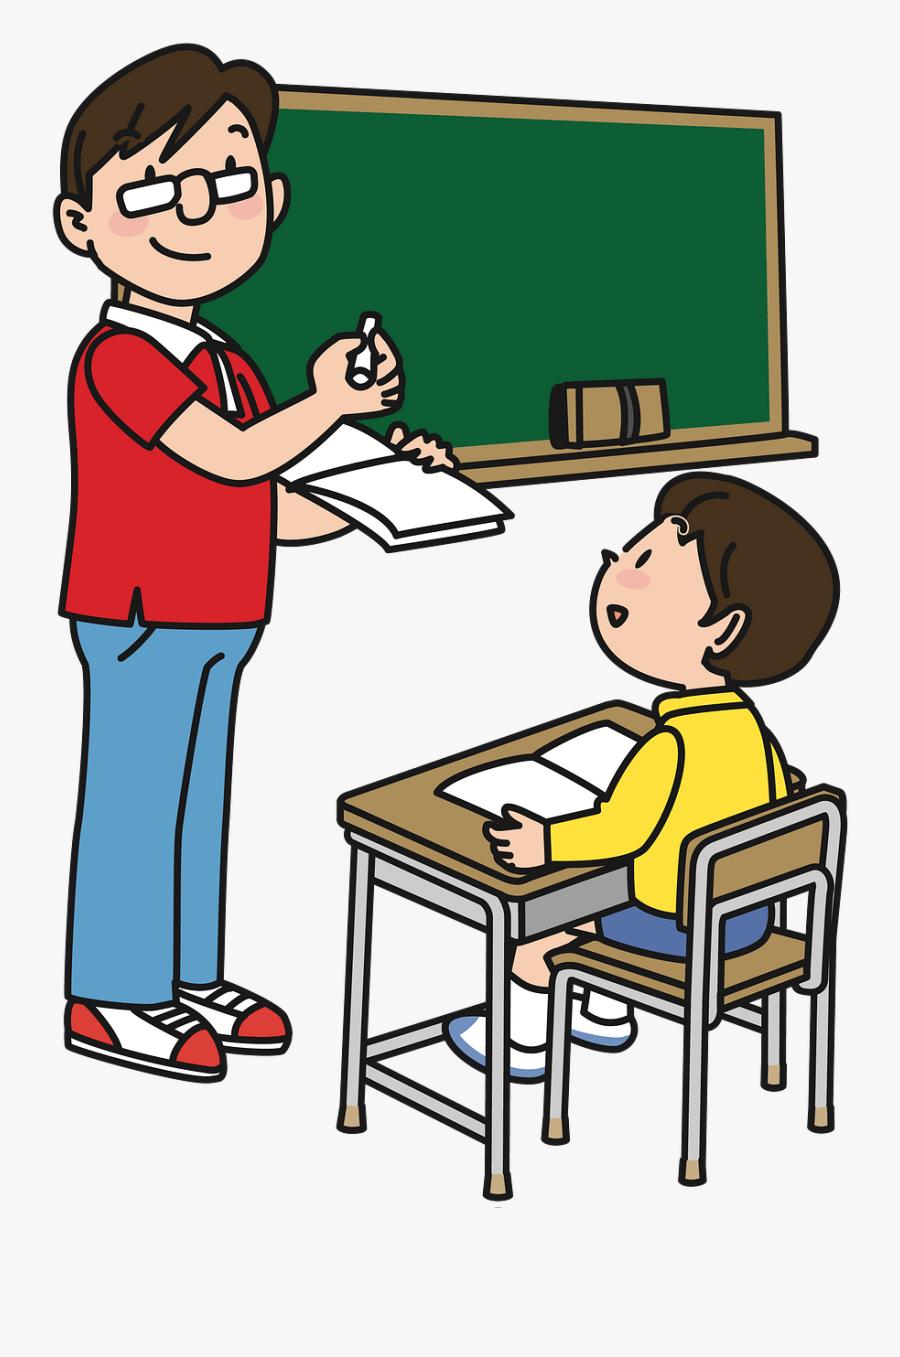 Man Teacher Clipart, Transparent Clipart